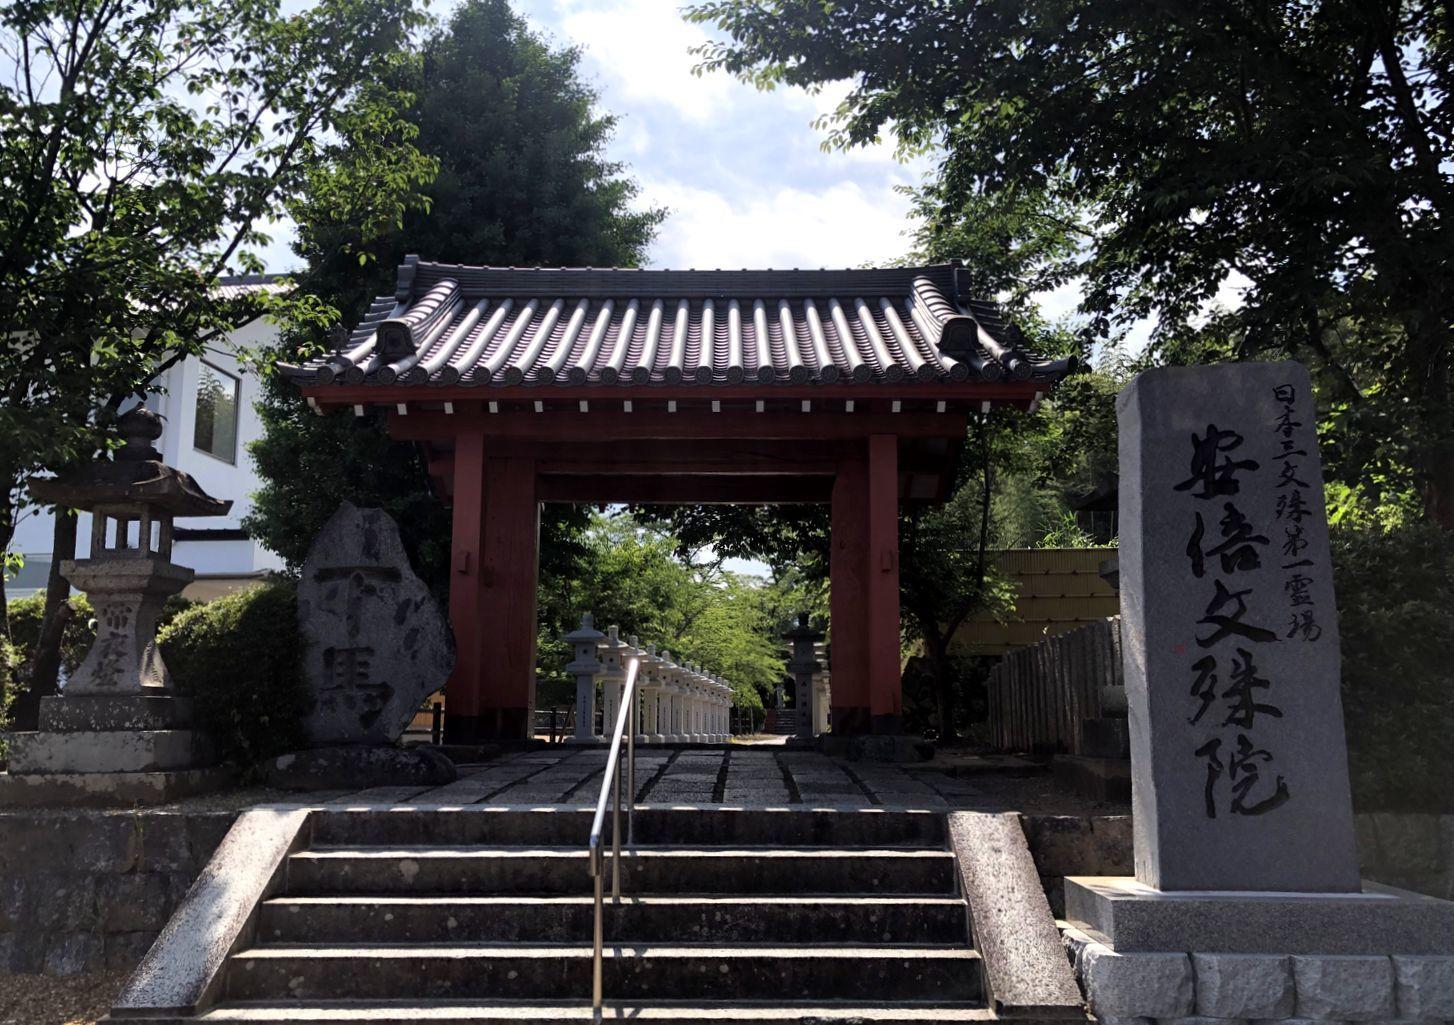 安倍文殊院渡海文殊菩薩像_a0237937_11074011.jpg